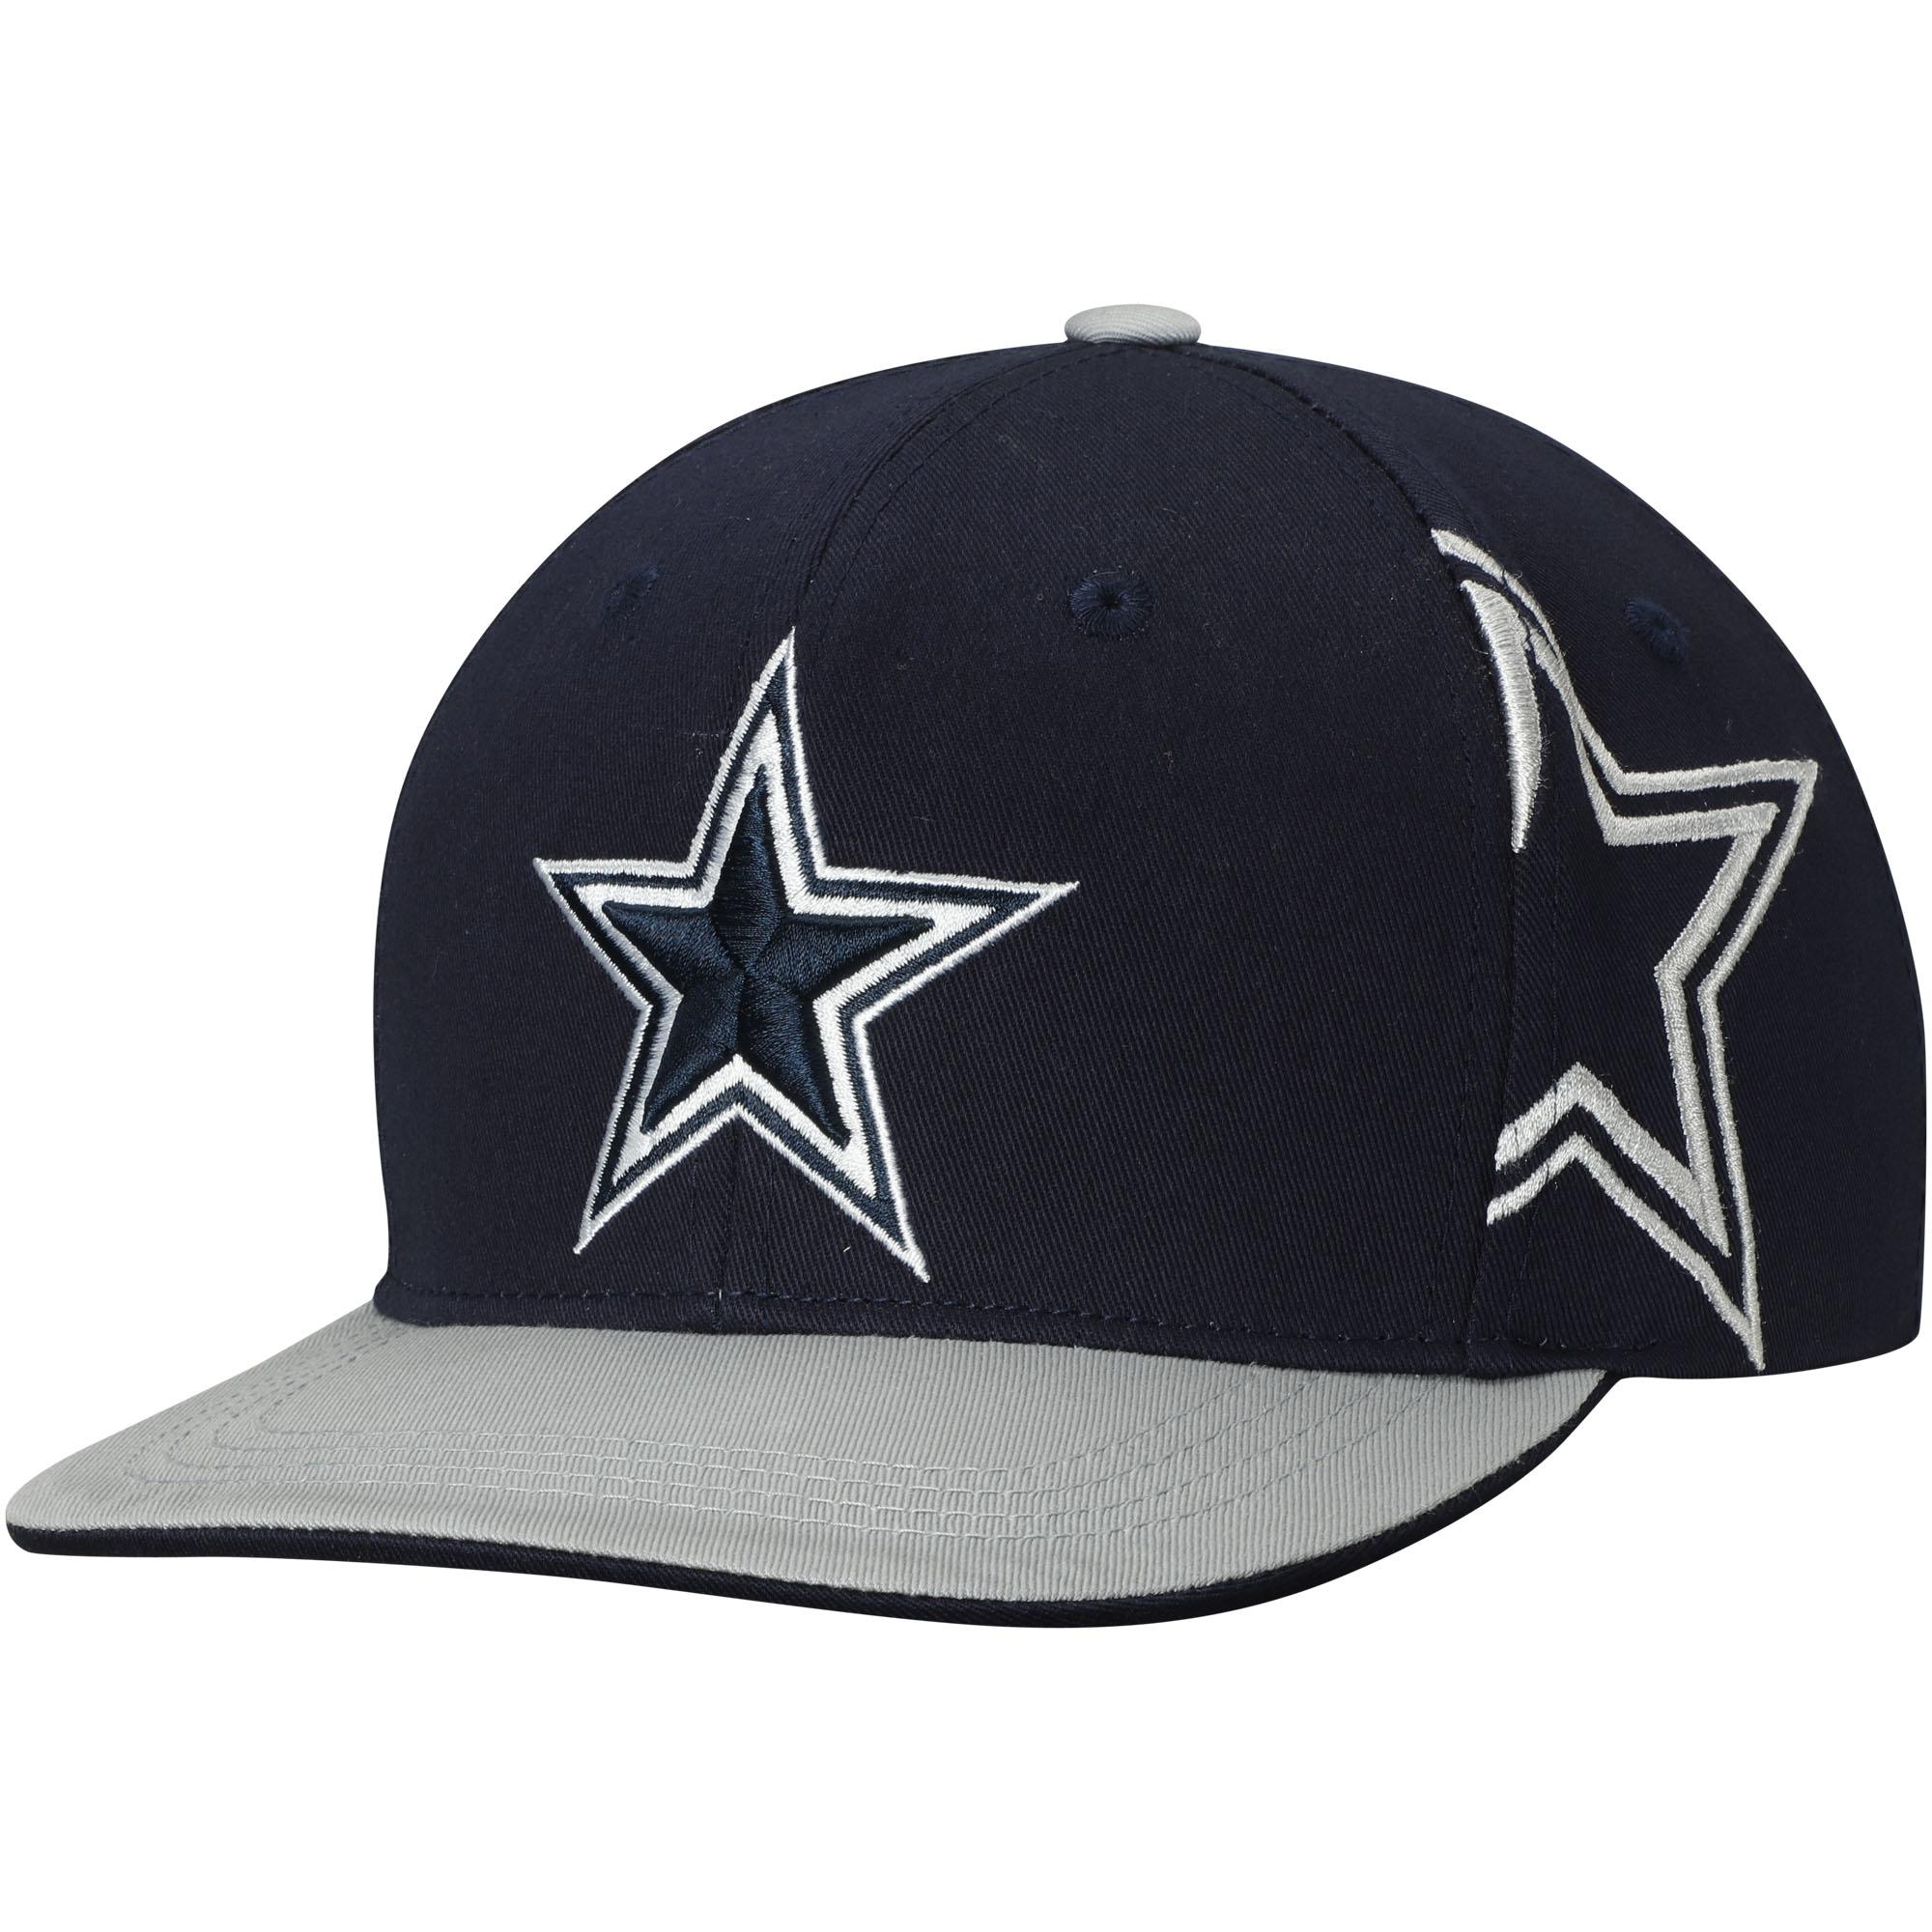 Youth Navy/Gray Dallas Cowboys Sherman Adjustable Snapback Hat - OSFA